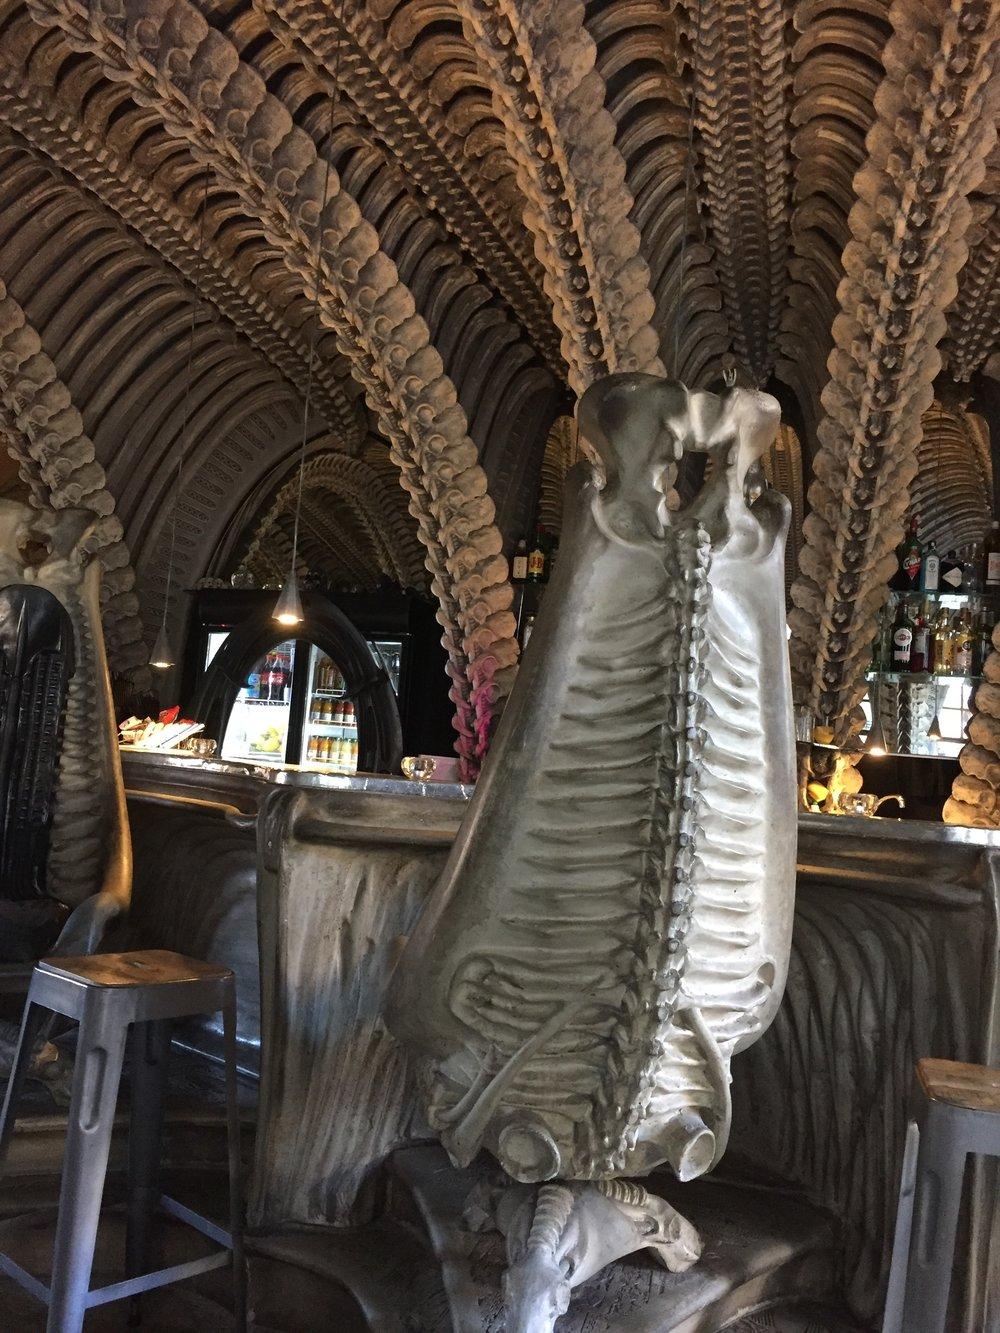 Inside the Giger Bar